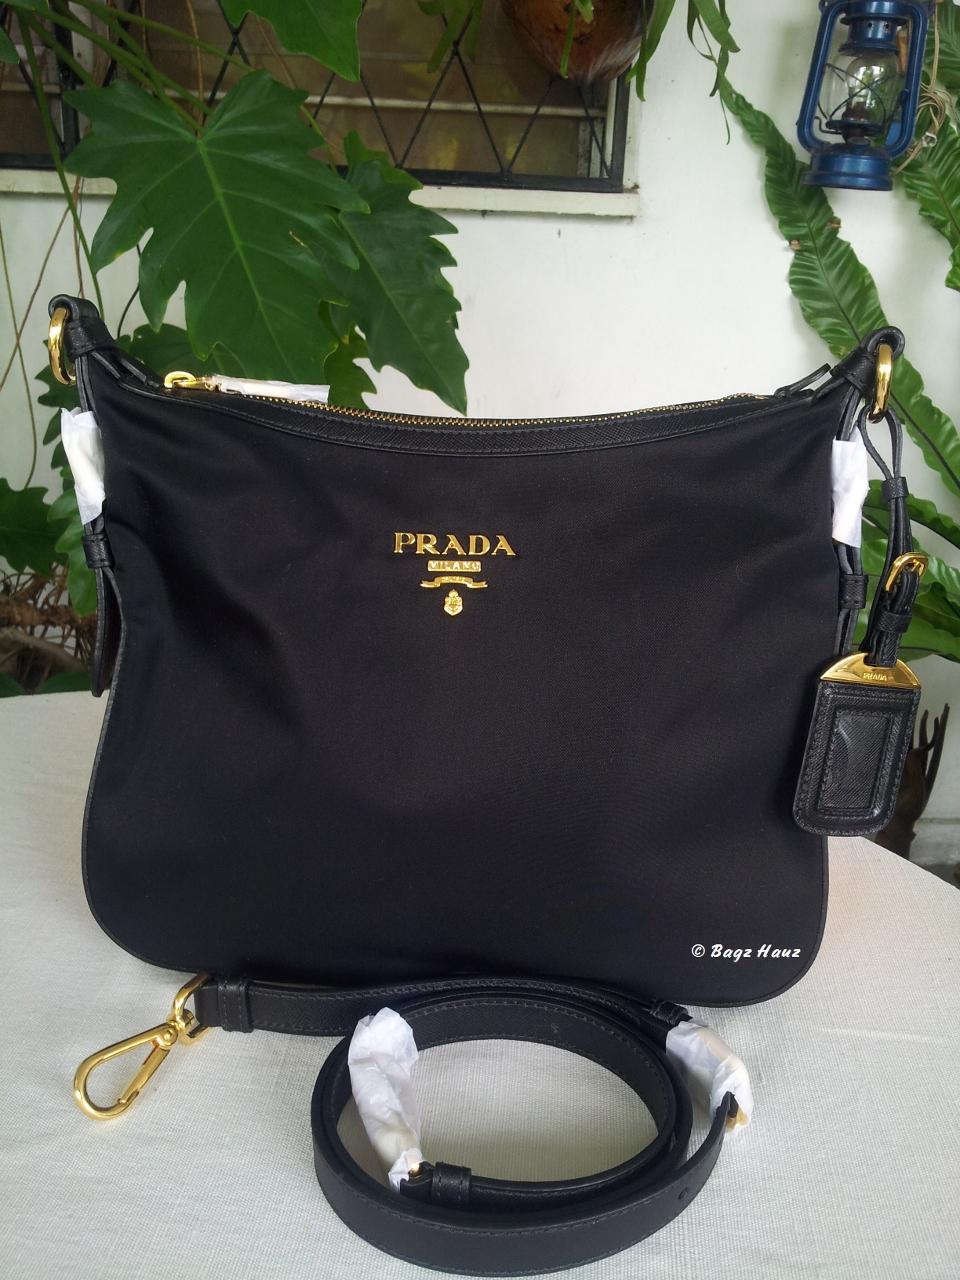 4746f8a0571 ... purchase sold beg raya prada sling bag bt0706 color black b9af7 99393